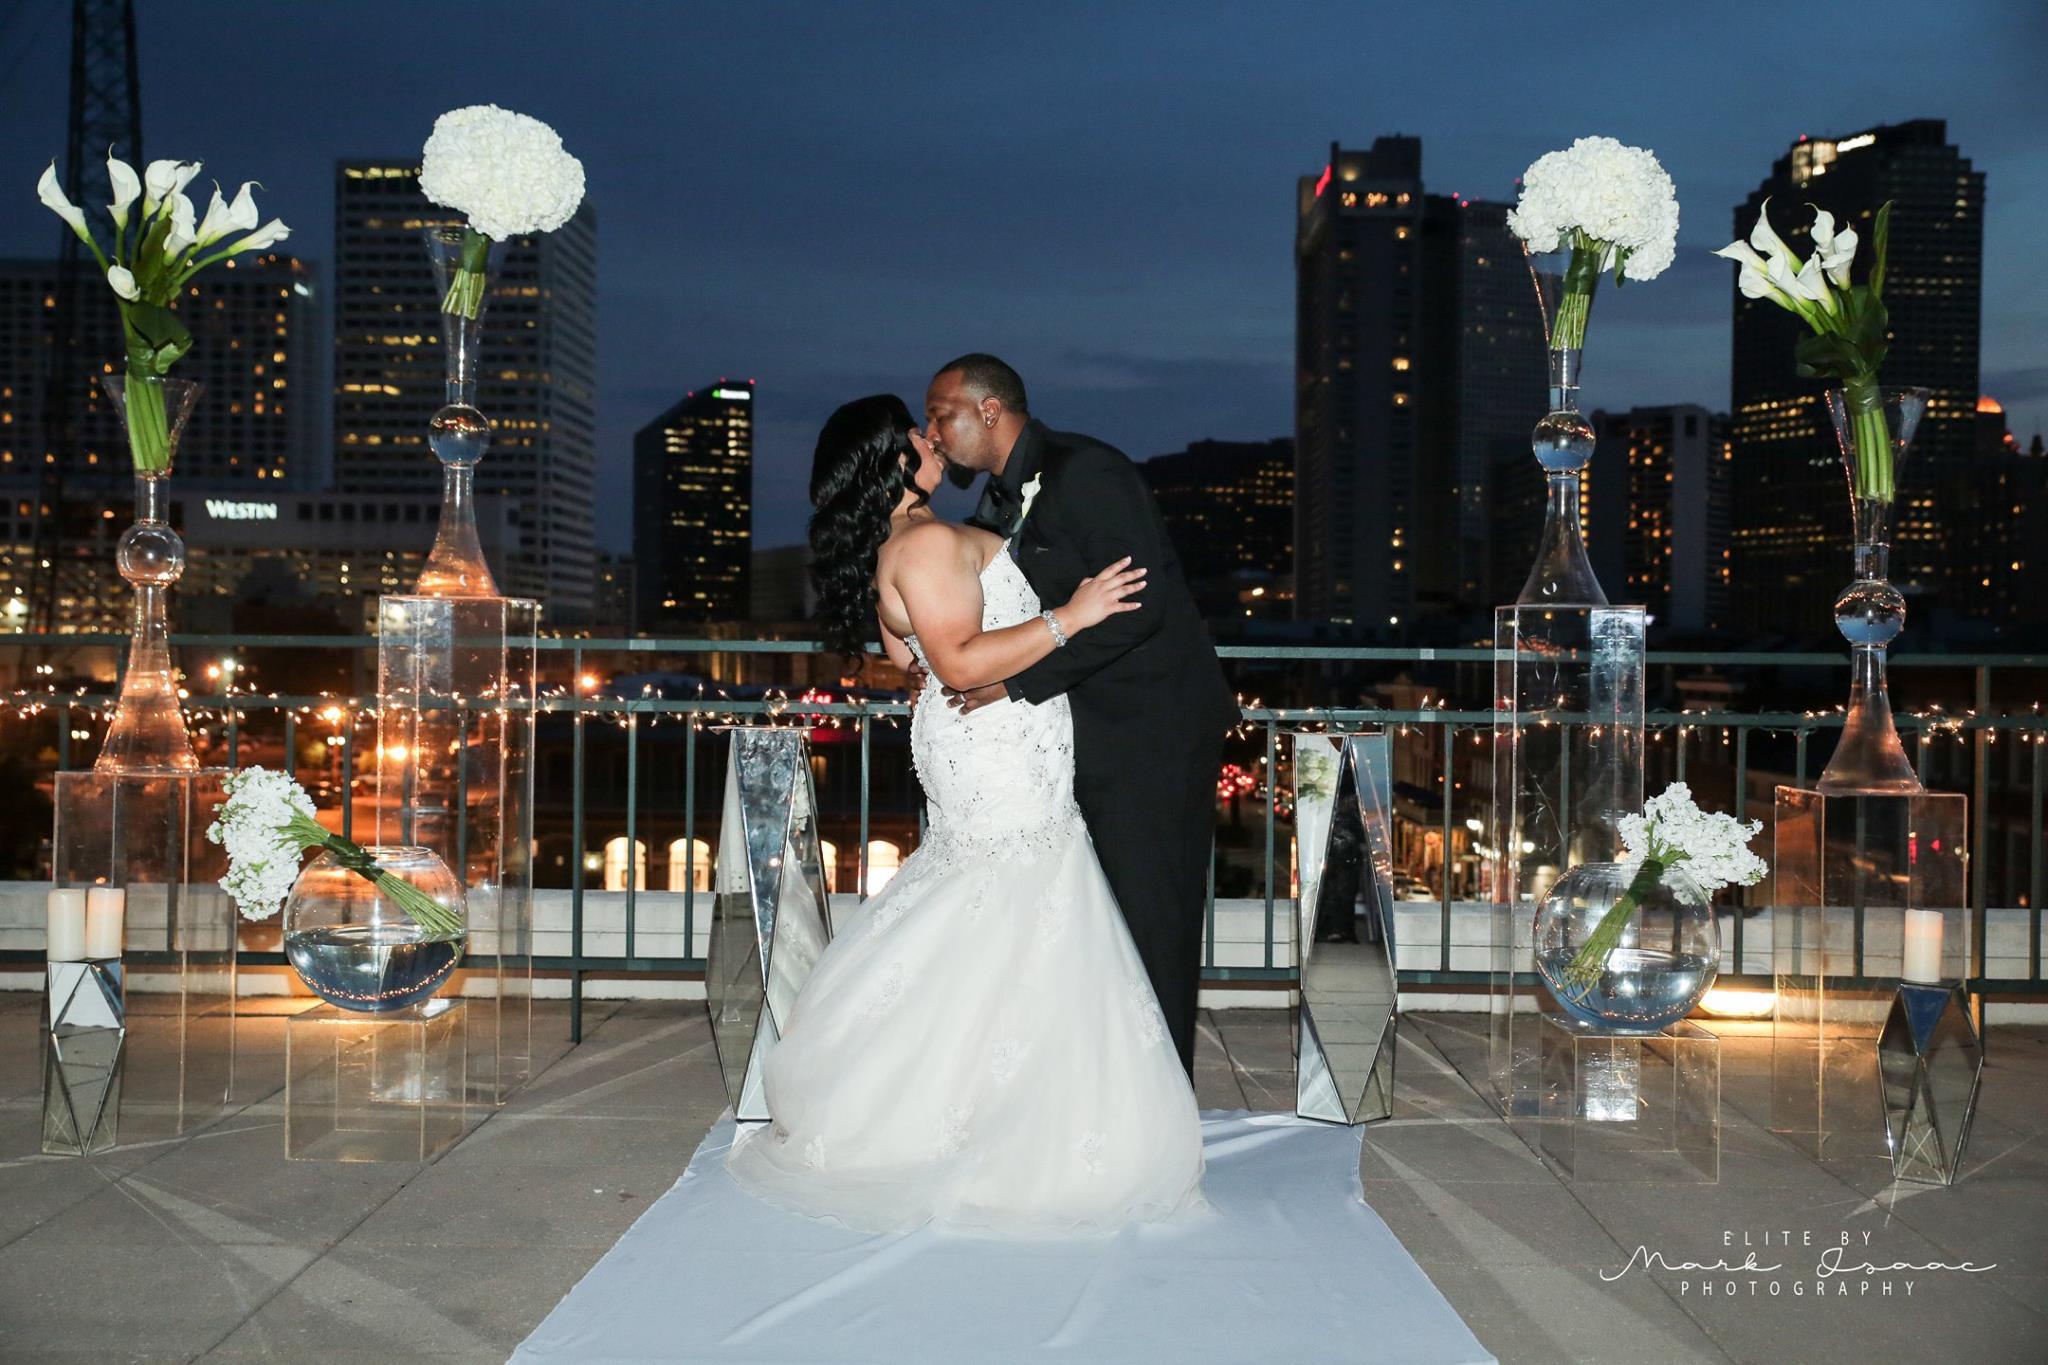 Krystal + Gilfert = Married - New Orleans, LA